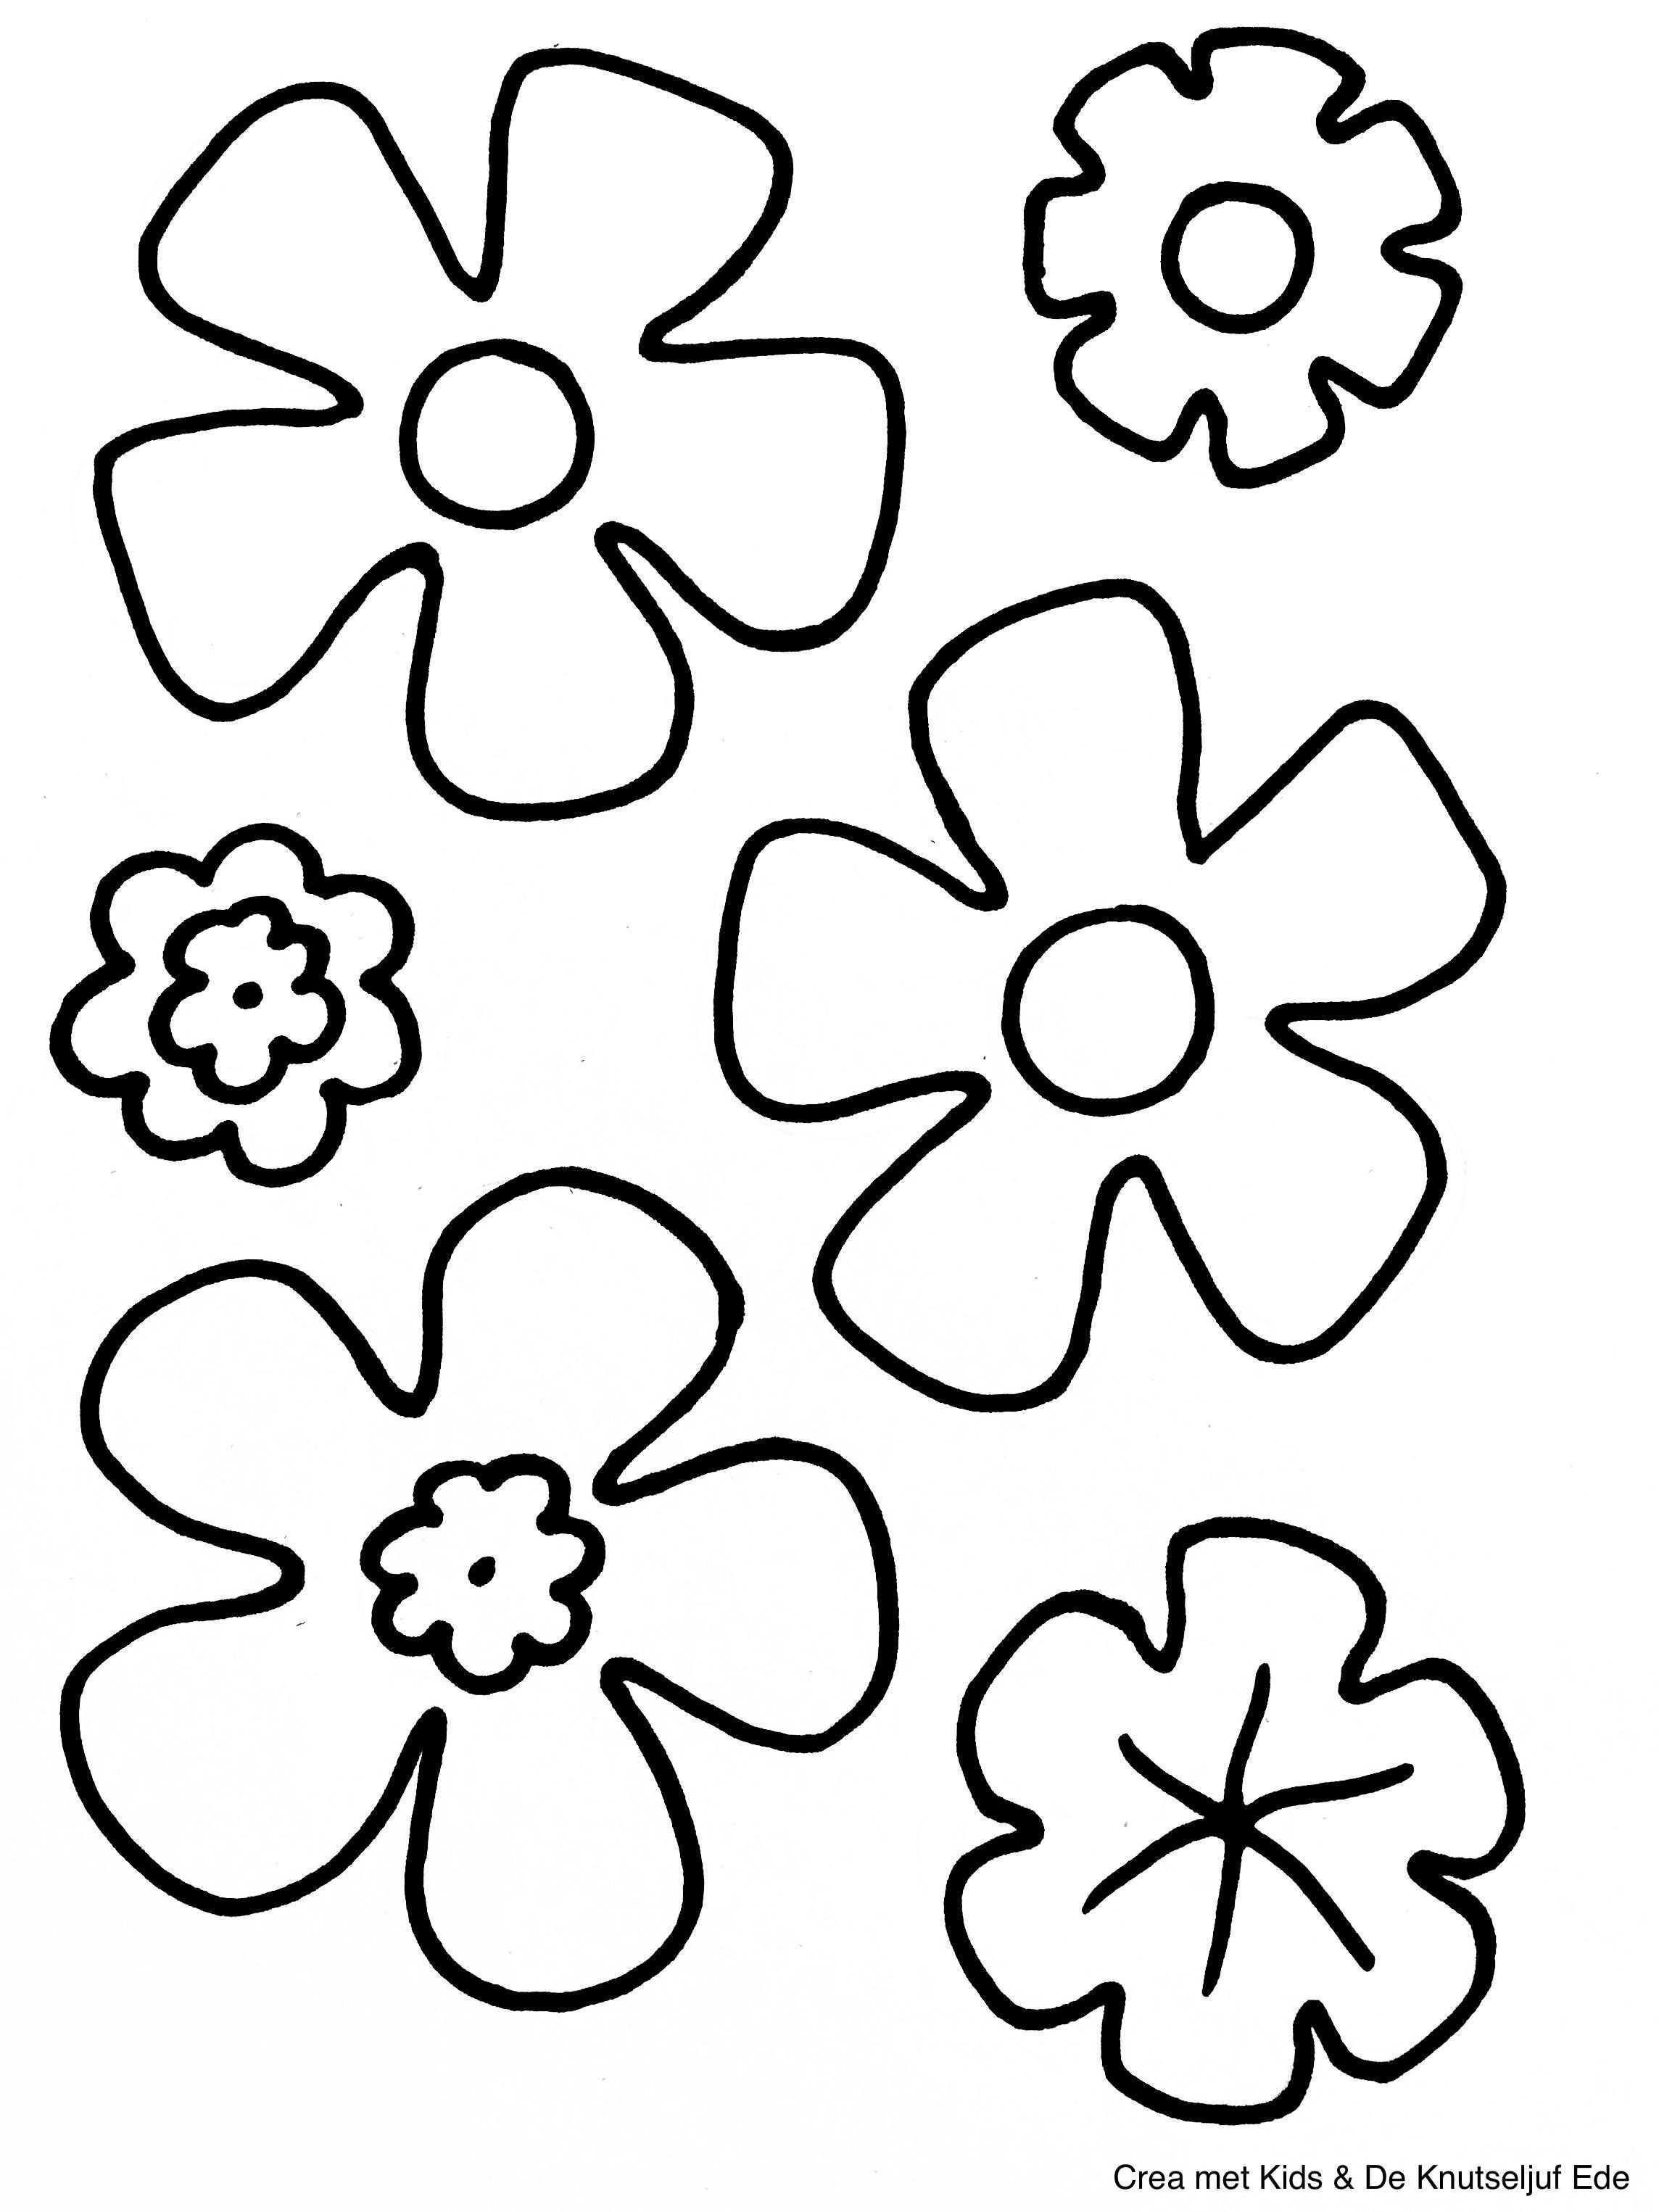 Kleurplaten Bloemen Bloemen Knutselen Kleurplaat Kleurplaten De Knutseljuf Ede Bloem Kleurplaten Bloemensjabloon Knutselen Thema Kunst